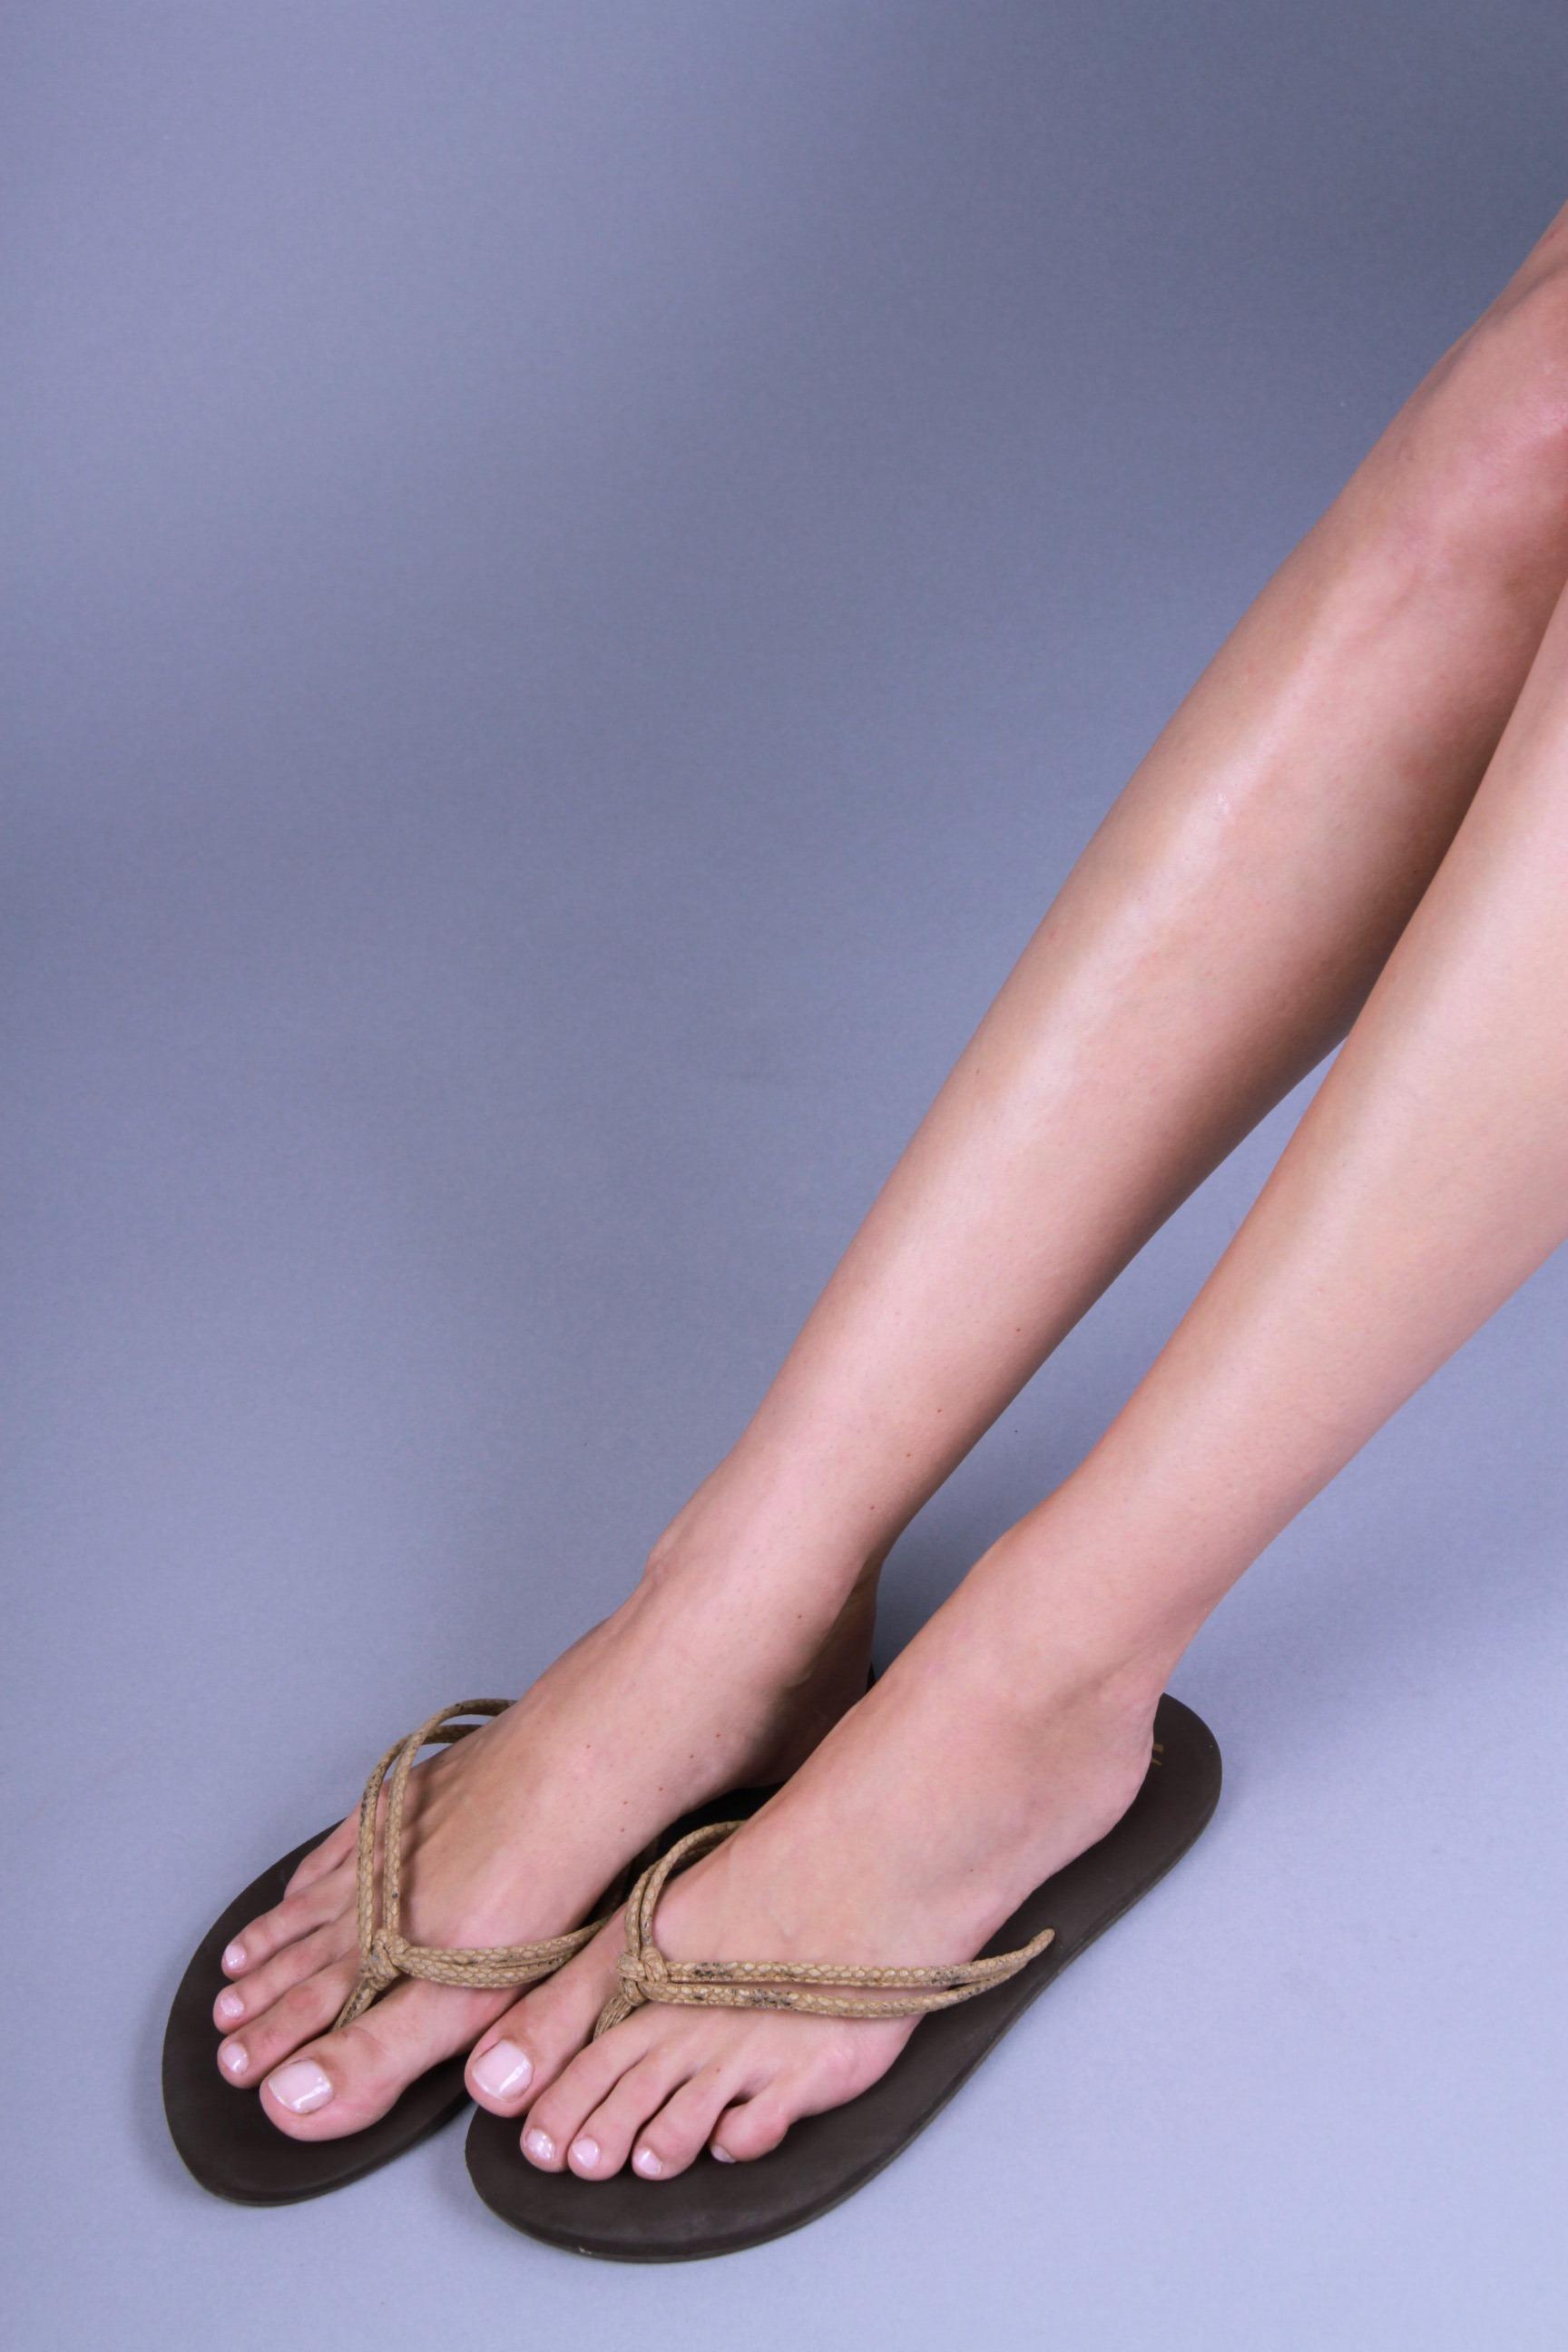 Brea Peck_Feet4